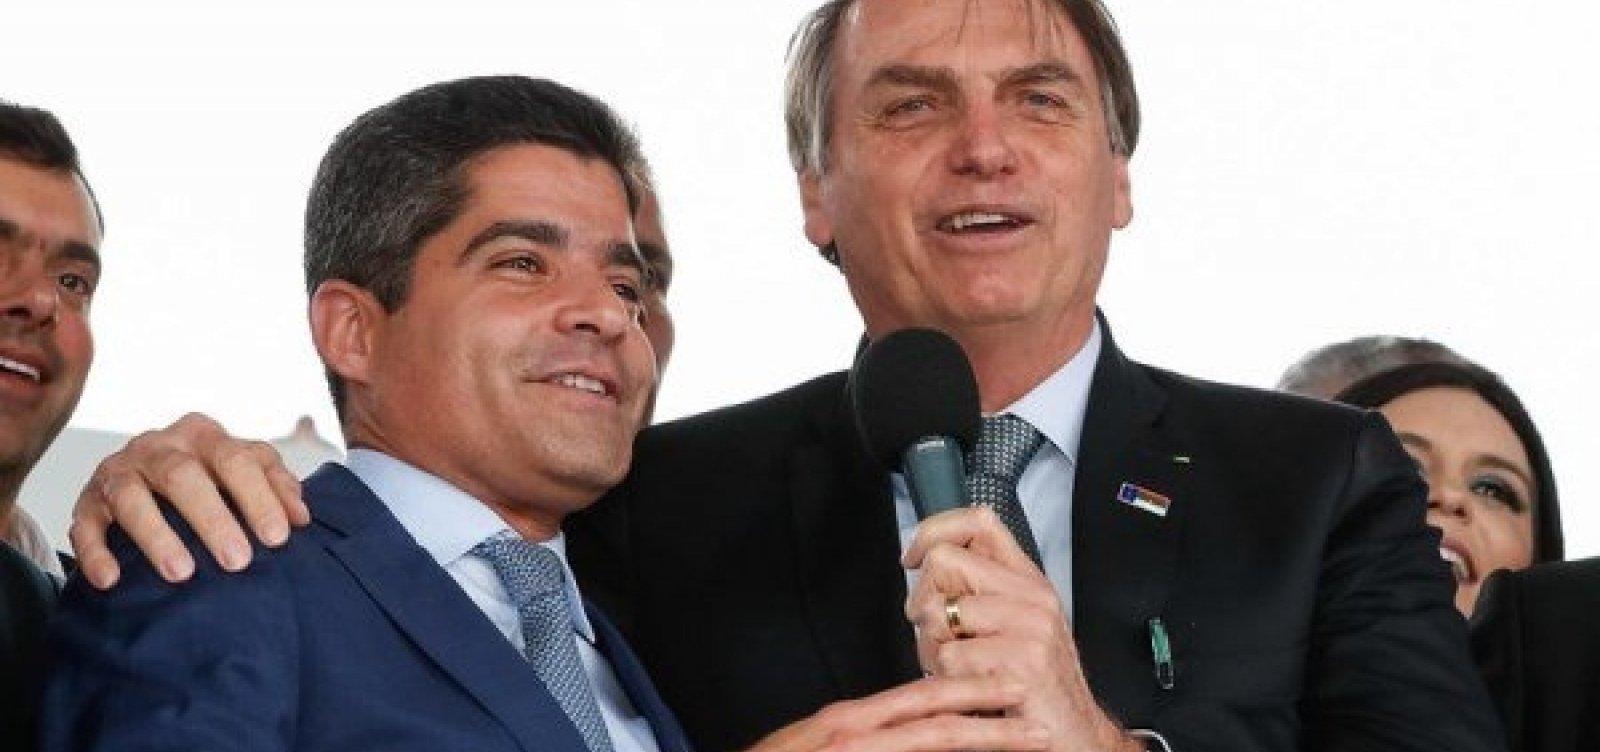 Apoio a Bolsonaro será livre nos estados, diz ACM Neto sobre sigla que sairá da fusão DEM-PSL